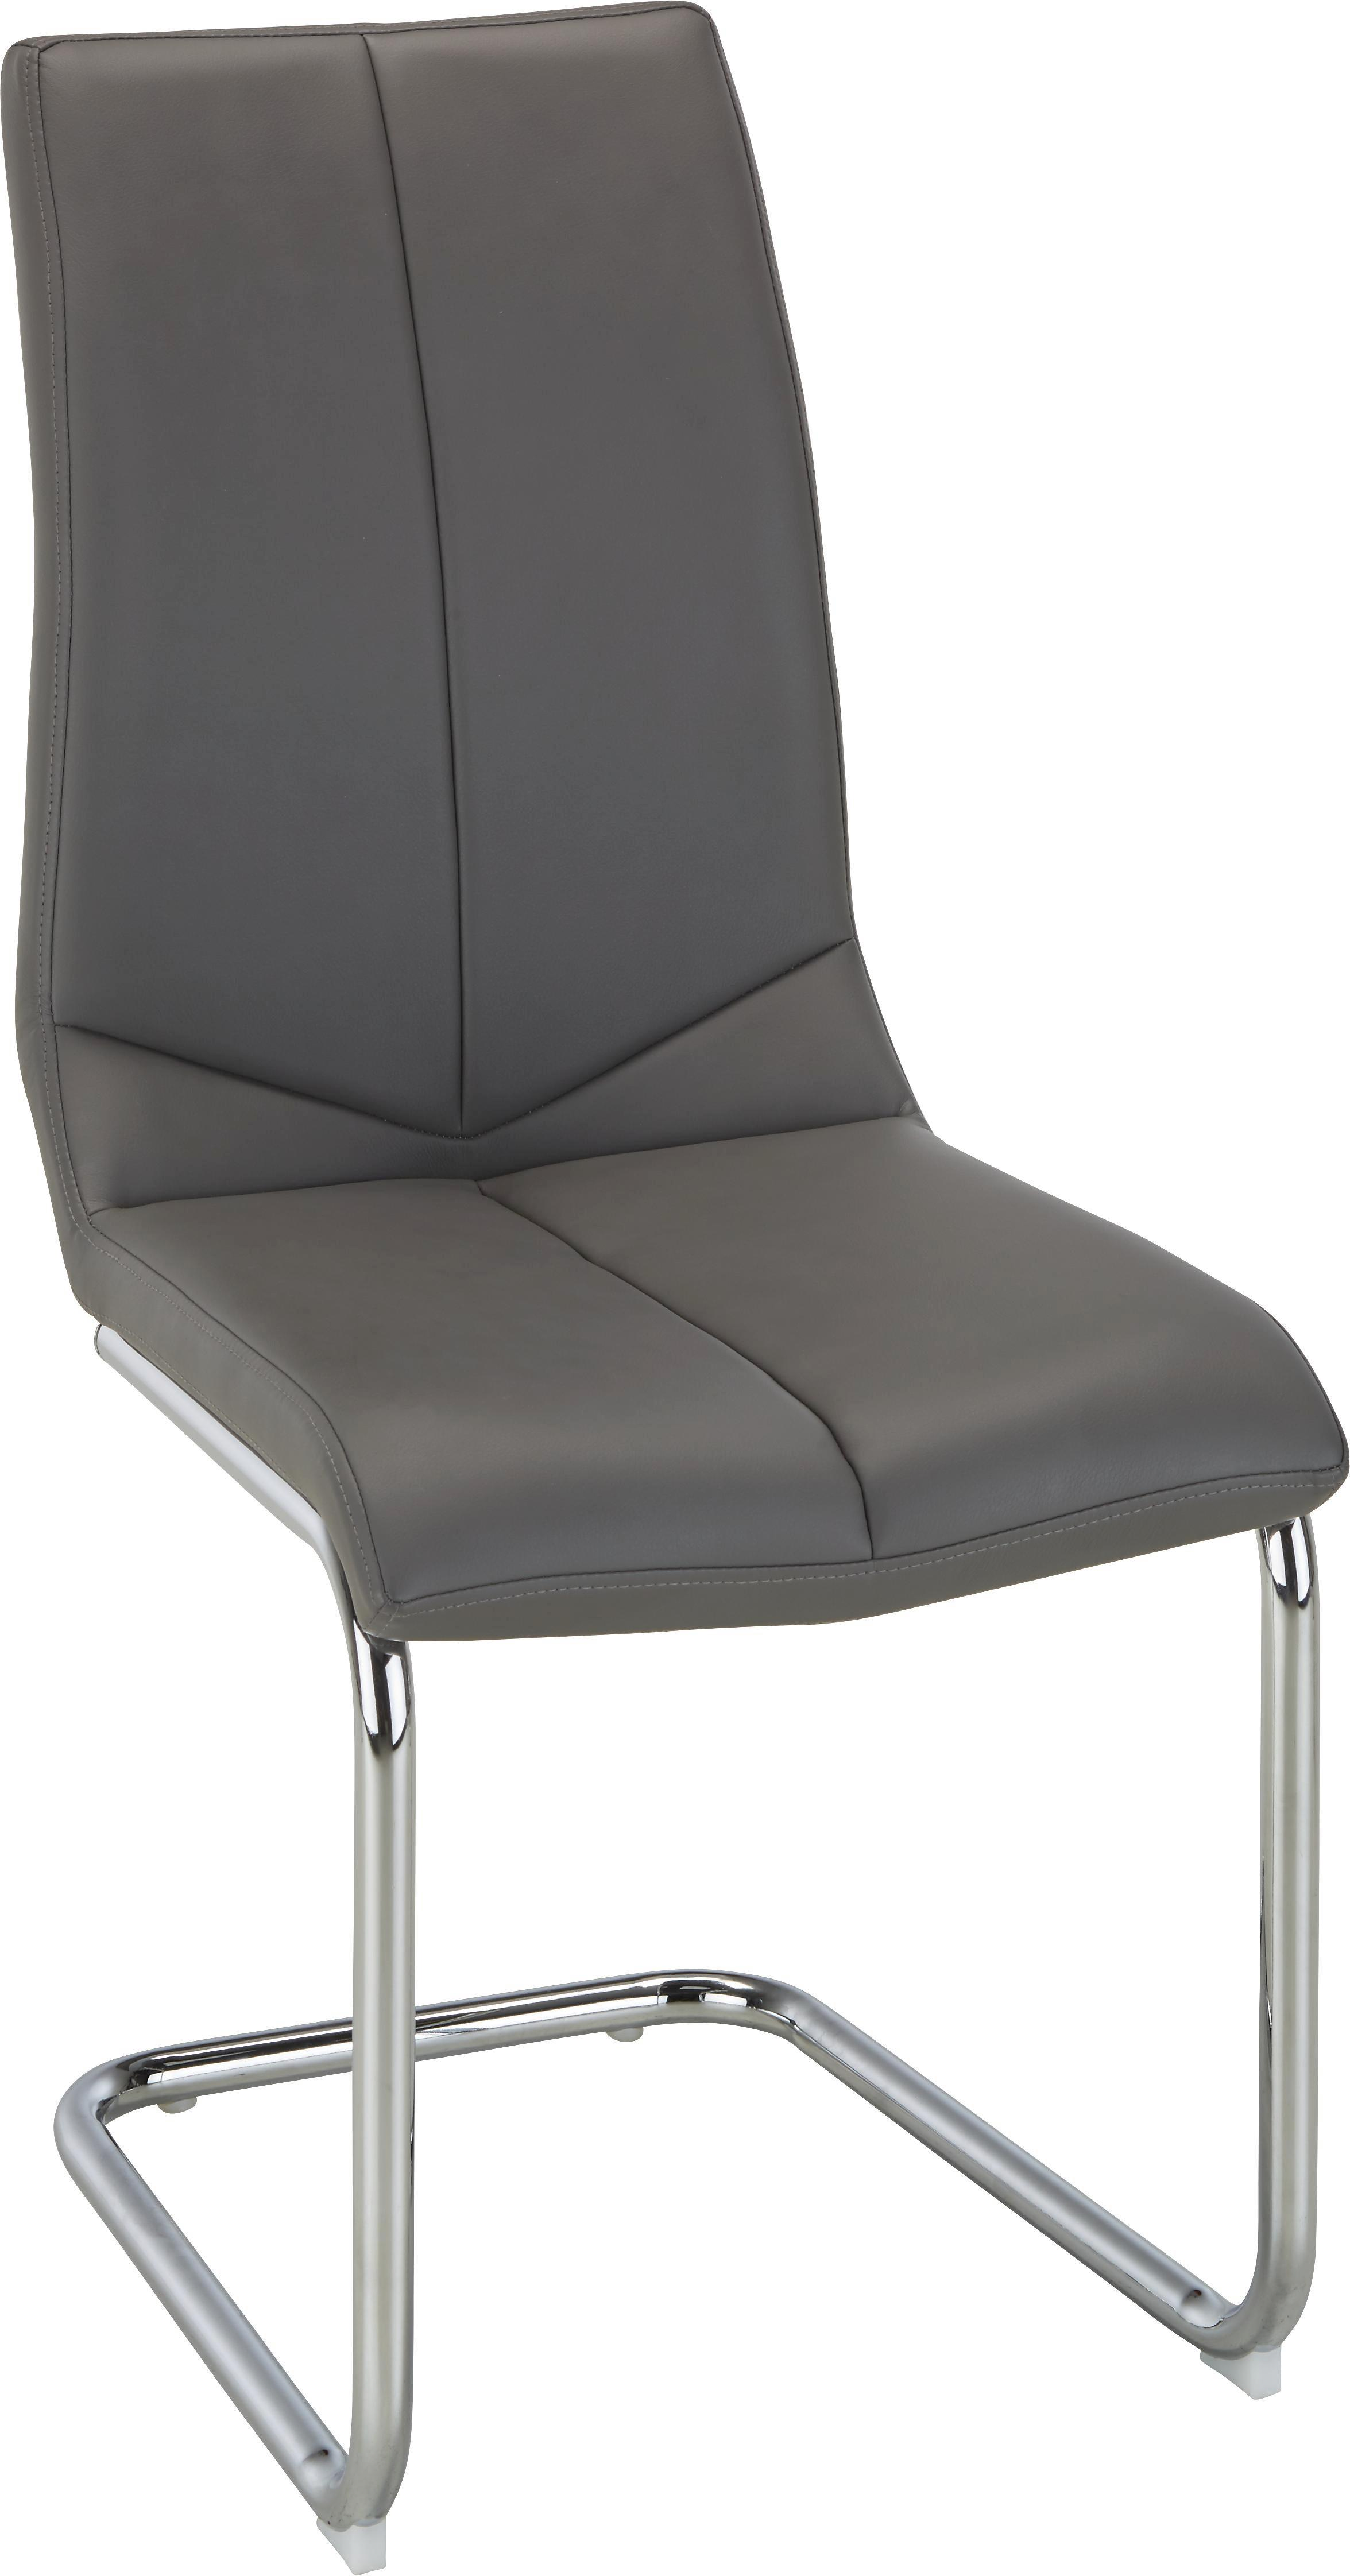 Schwingstuhl in Grau - Chromfarben/Grau, MODERN, Textil/Metall (47/97/56cm) - BASED